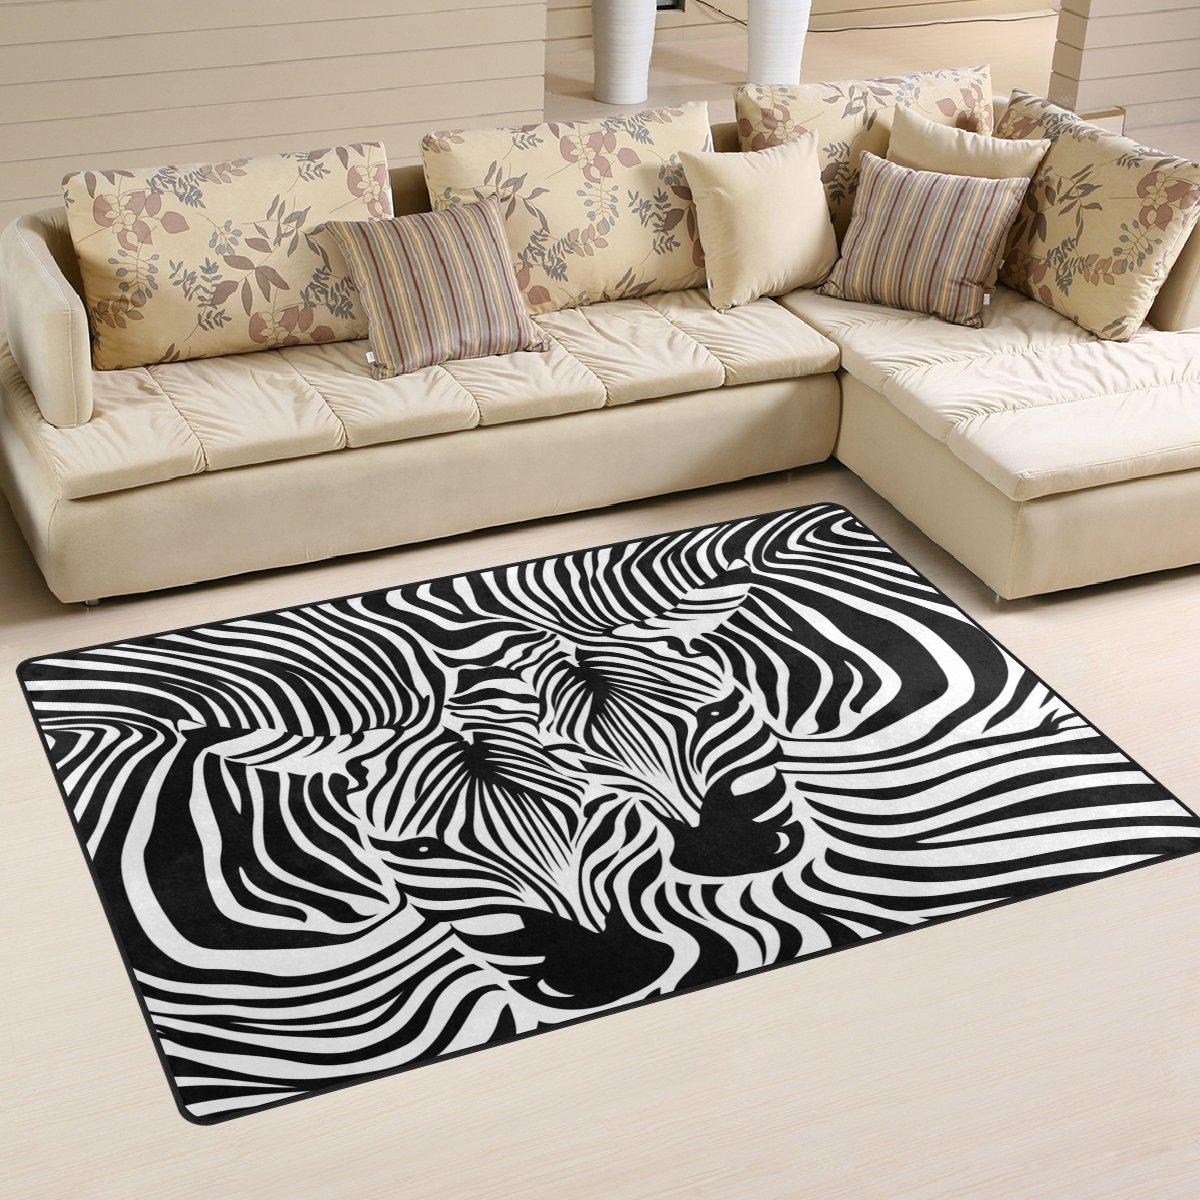 WOZO Abstract Animal Zebra Print Area Rug Rugs Non-Slip Floor Mat Doormats Living Room Bedroom 60 x 39 inches